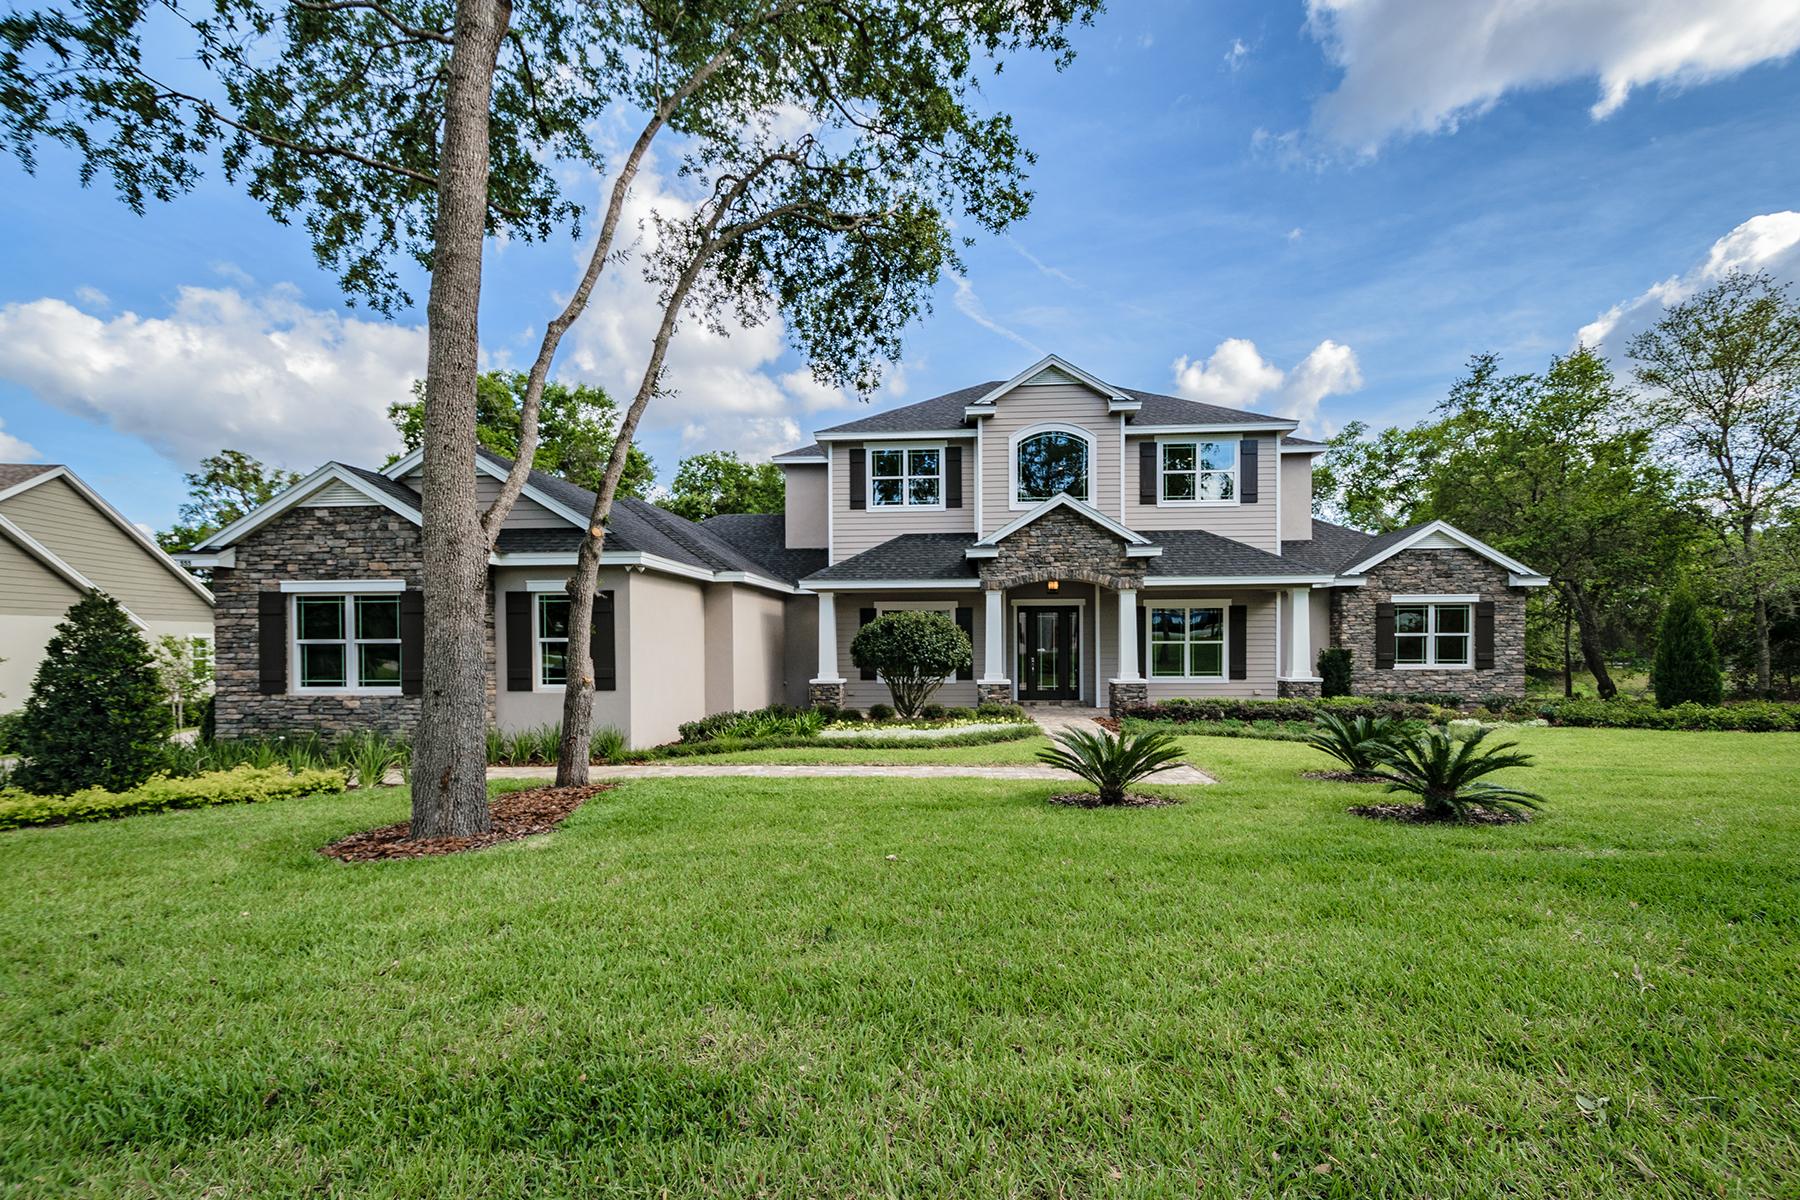 Maison unifamiliale pour l Vente à 555 Crane Hill Cv , Lake Mary, FL 32746 555 Crane Hill Cv Lake Mary, Florida, 32746 États-Unis